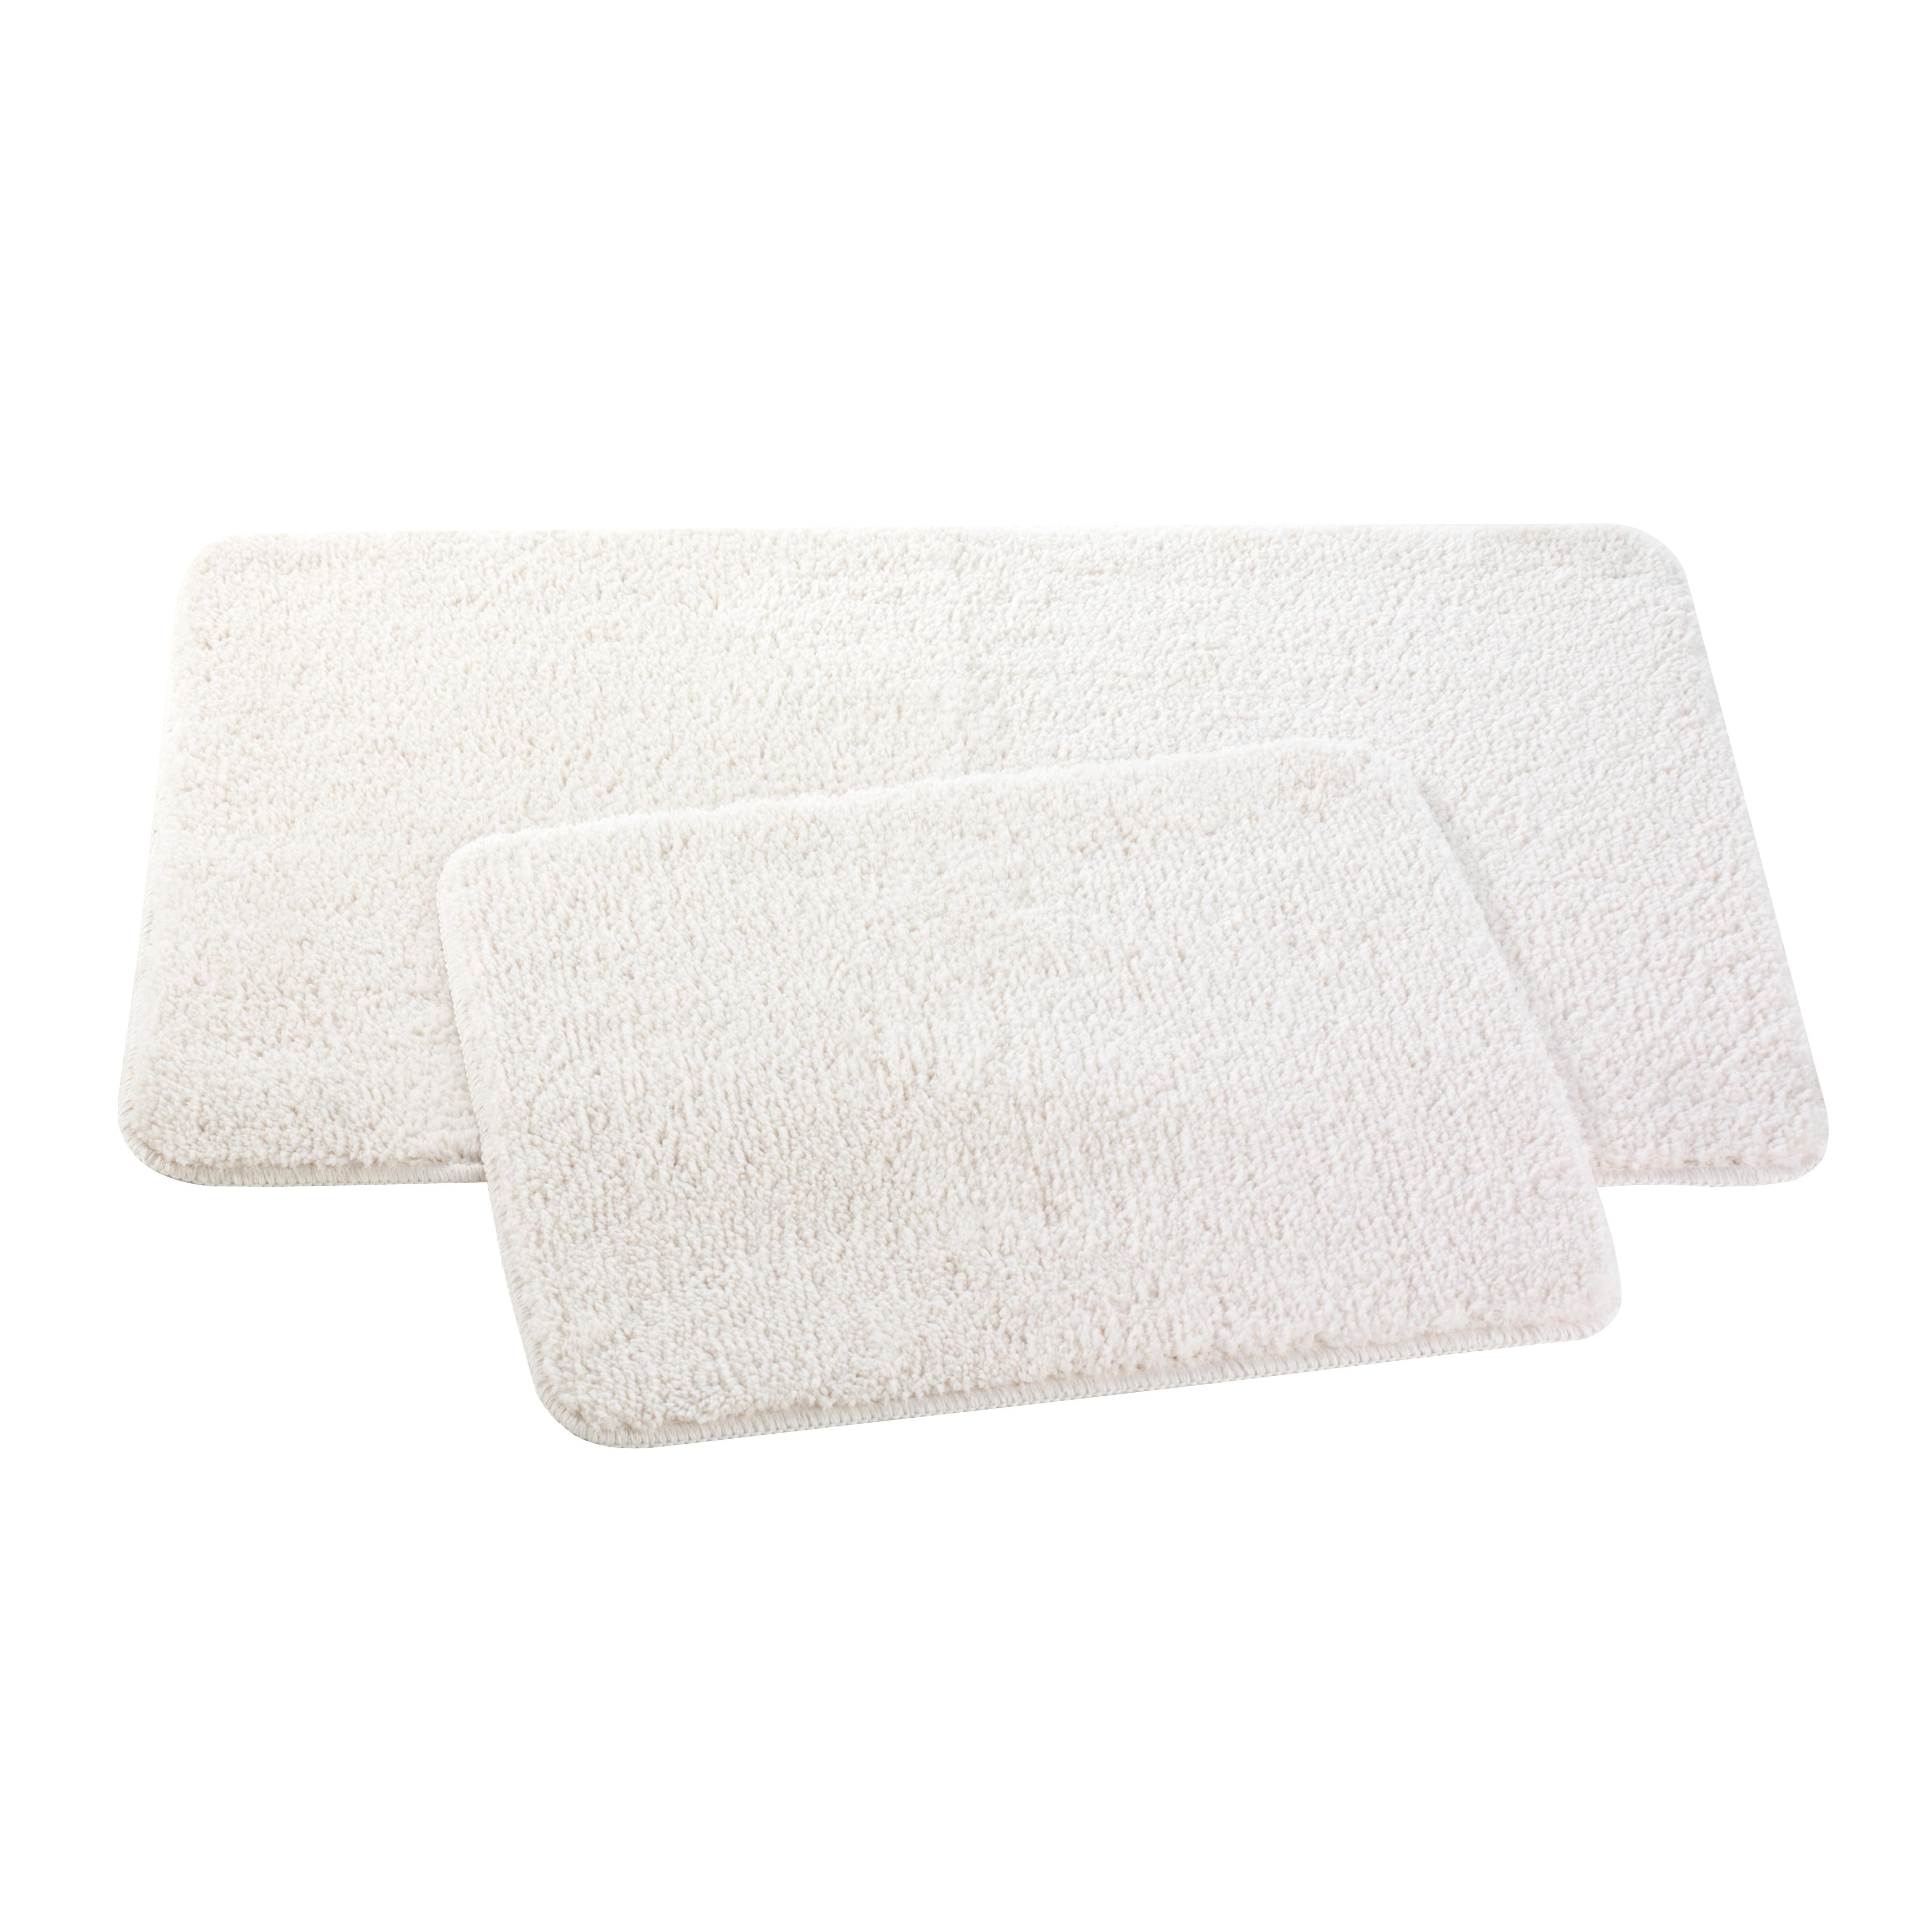 Набор ковриков для ванной и туалета Axentia, цвет: бежевый, 2 шт391602Набор Axentia, выполненный из микрофибры (100% полиэстер), состоит из двух стеганых ковриков для ванной комнаты и туалета. Противоскользящее основание изготовлено из термопластичной резины и подходит для полов с подогревом. Коврики мягкие и приятные на ощупь, отлично впитывают влагу и быстро сохнут. Высокая износостойкость ковриков и стойкость цвета позволит вам наслаждаться покупкой долгие годы. Можно стирать в стиральной машине. Размер ковриков: 50 х 80 см; 50 х 40 см.Высота ворса 1,5 см.